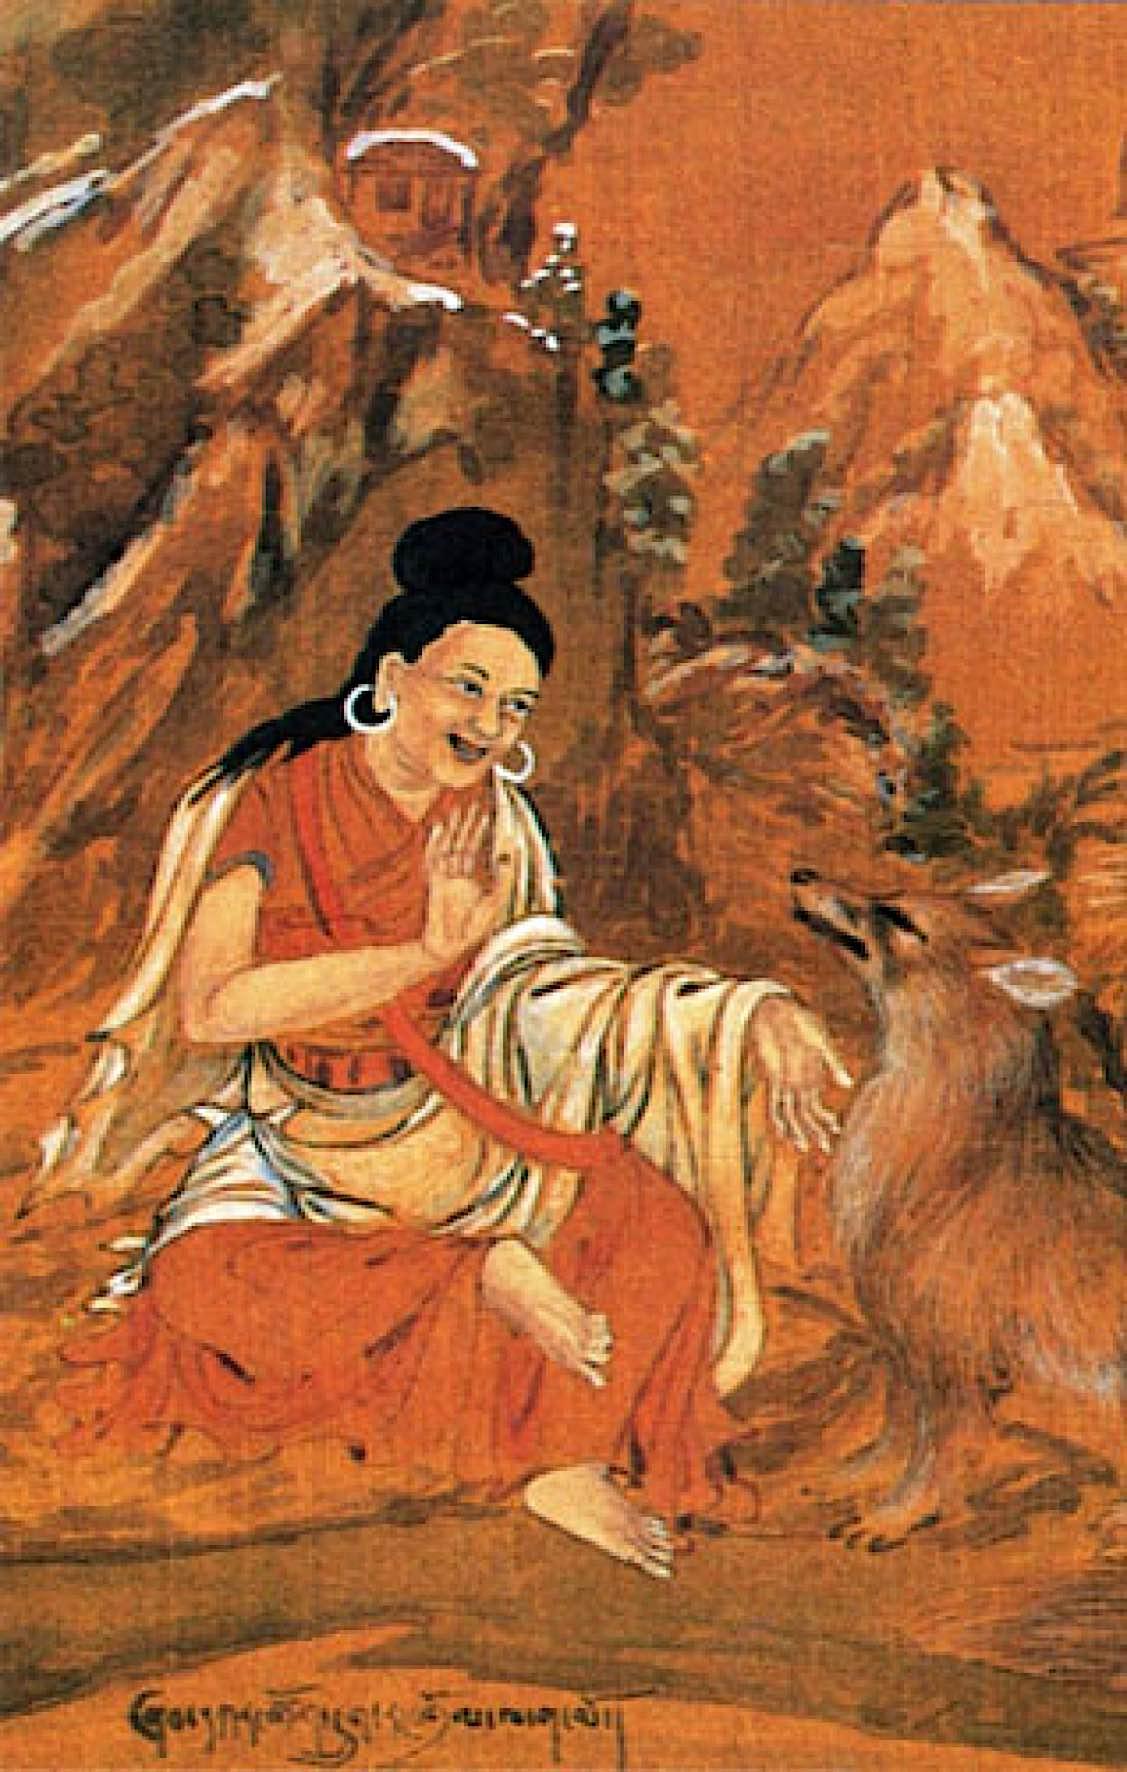 Buddha Weekly Shabkar yogi Buddhism